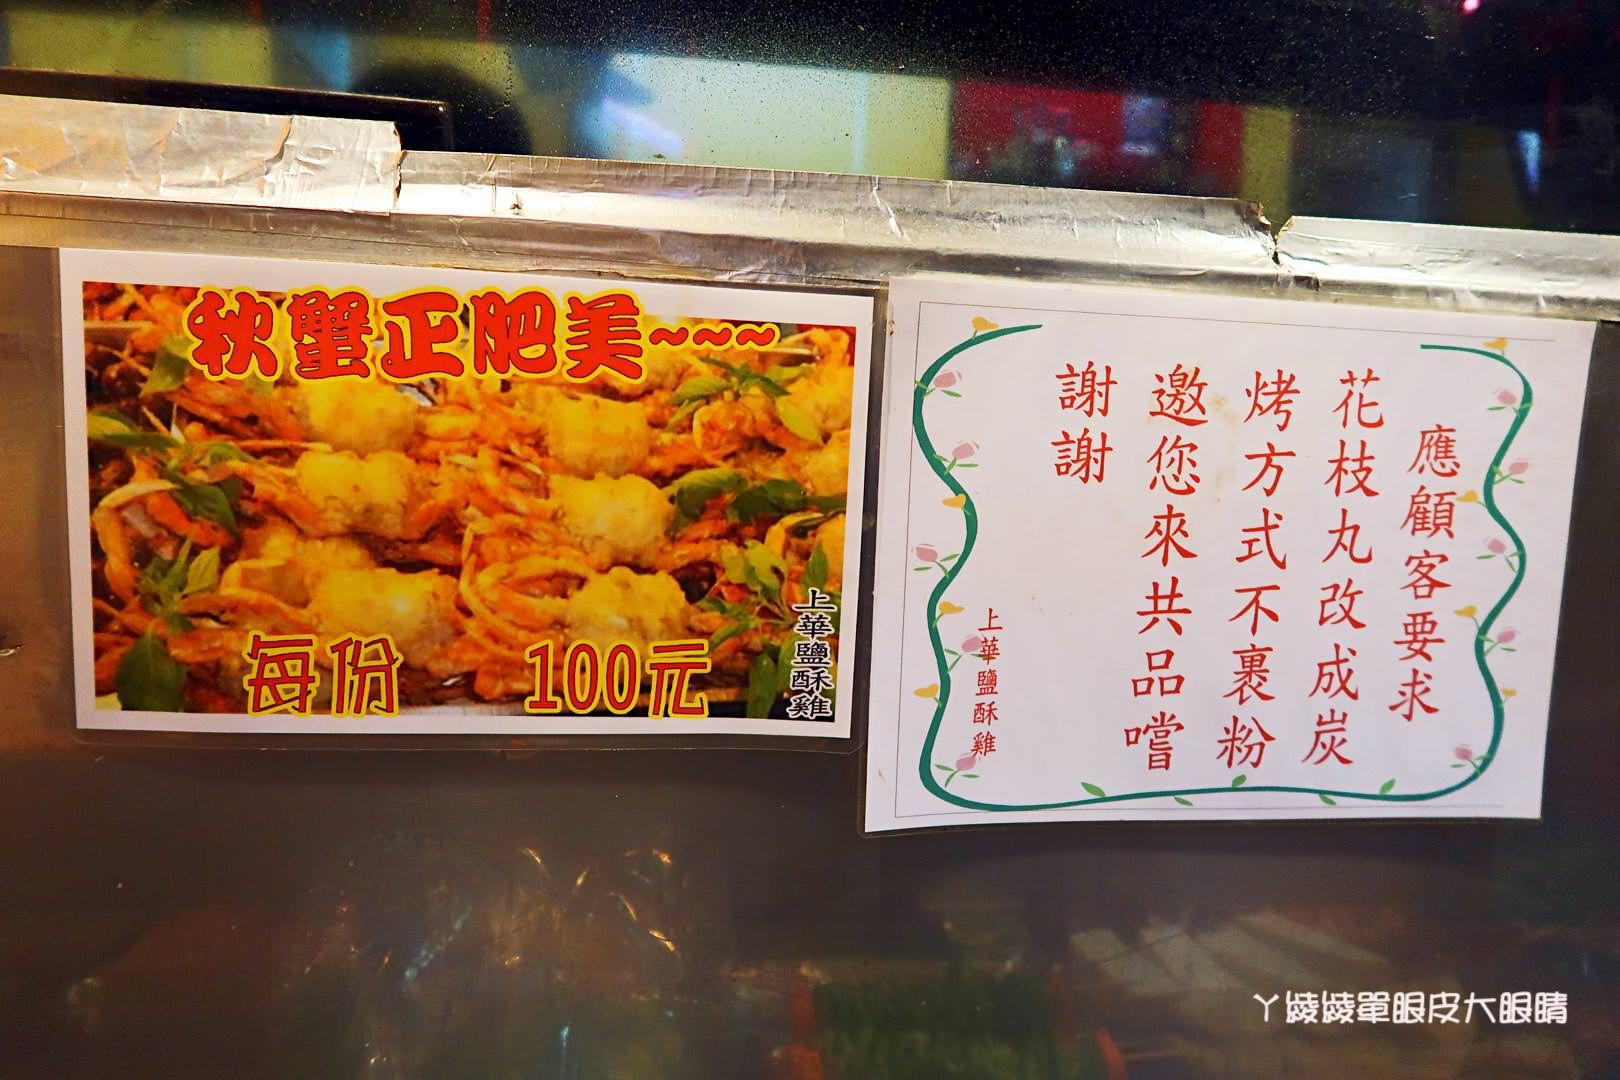 新竹美食宵夜推薦《上華鹽酥雞》,等超久但是爆好吃的碳烤雞排